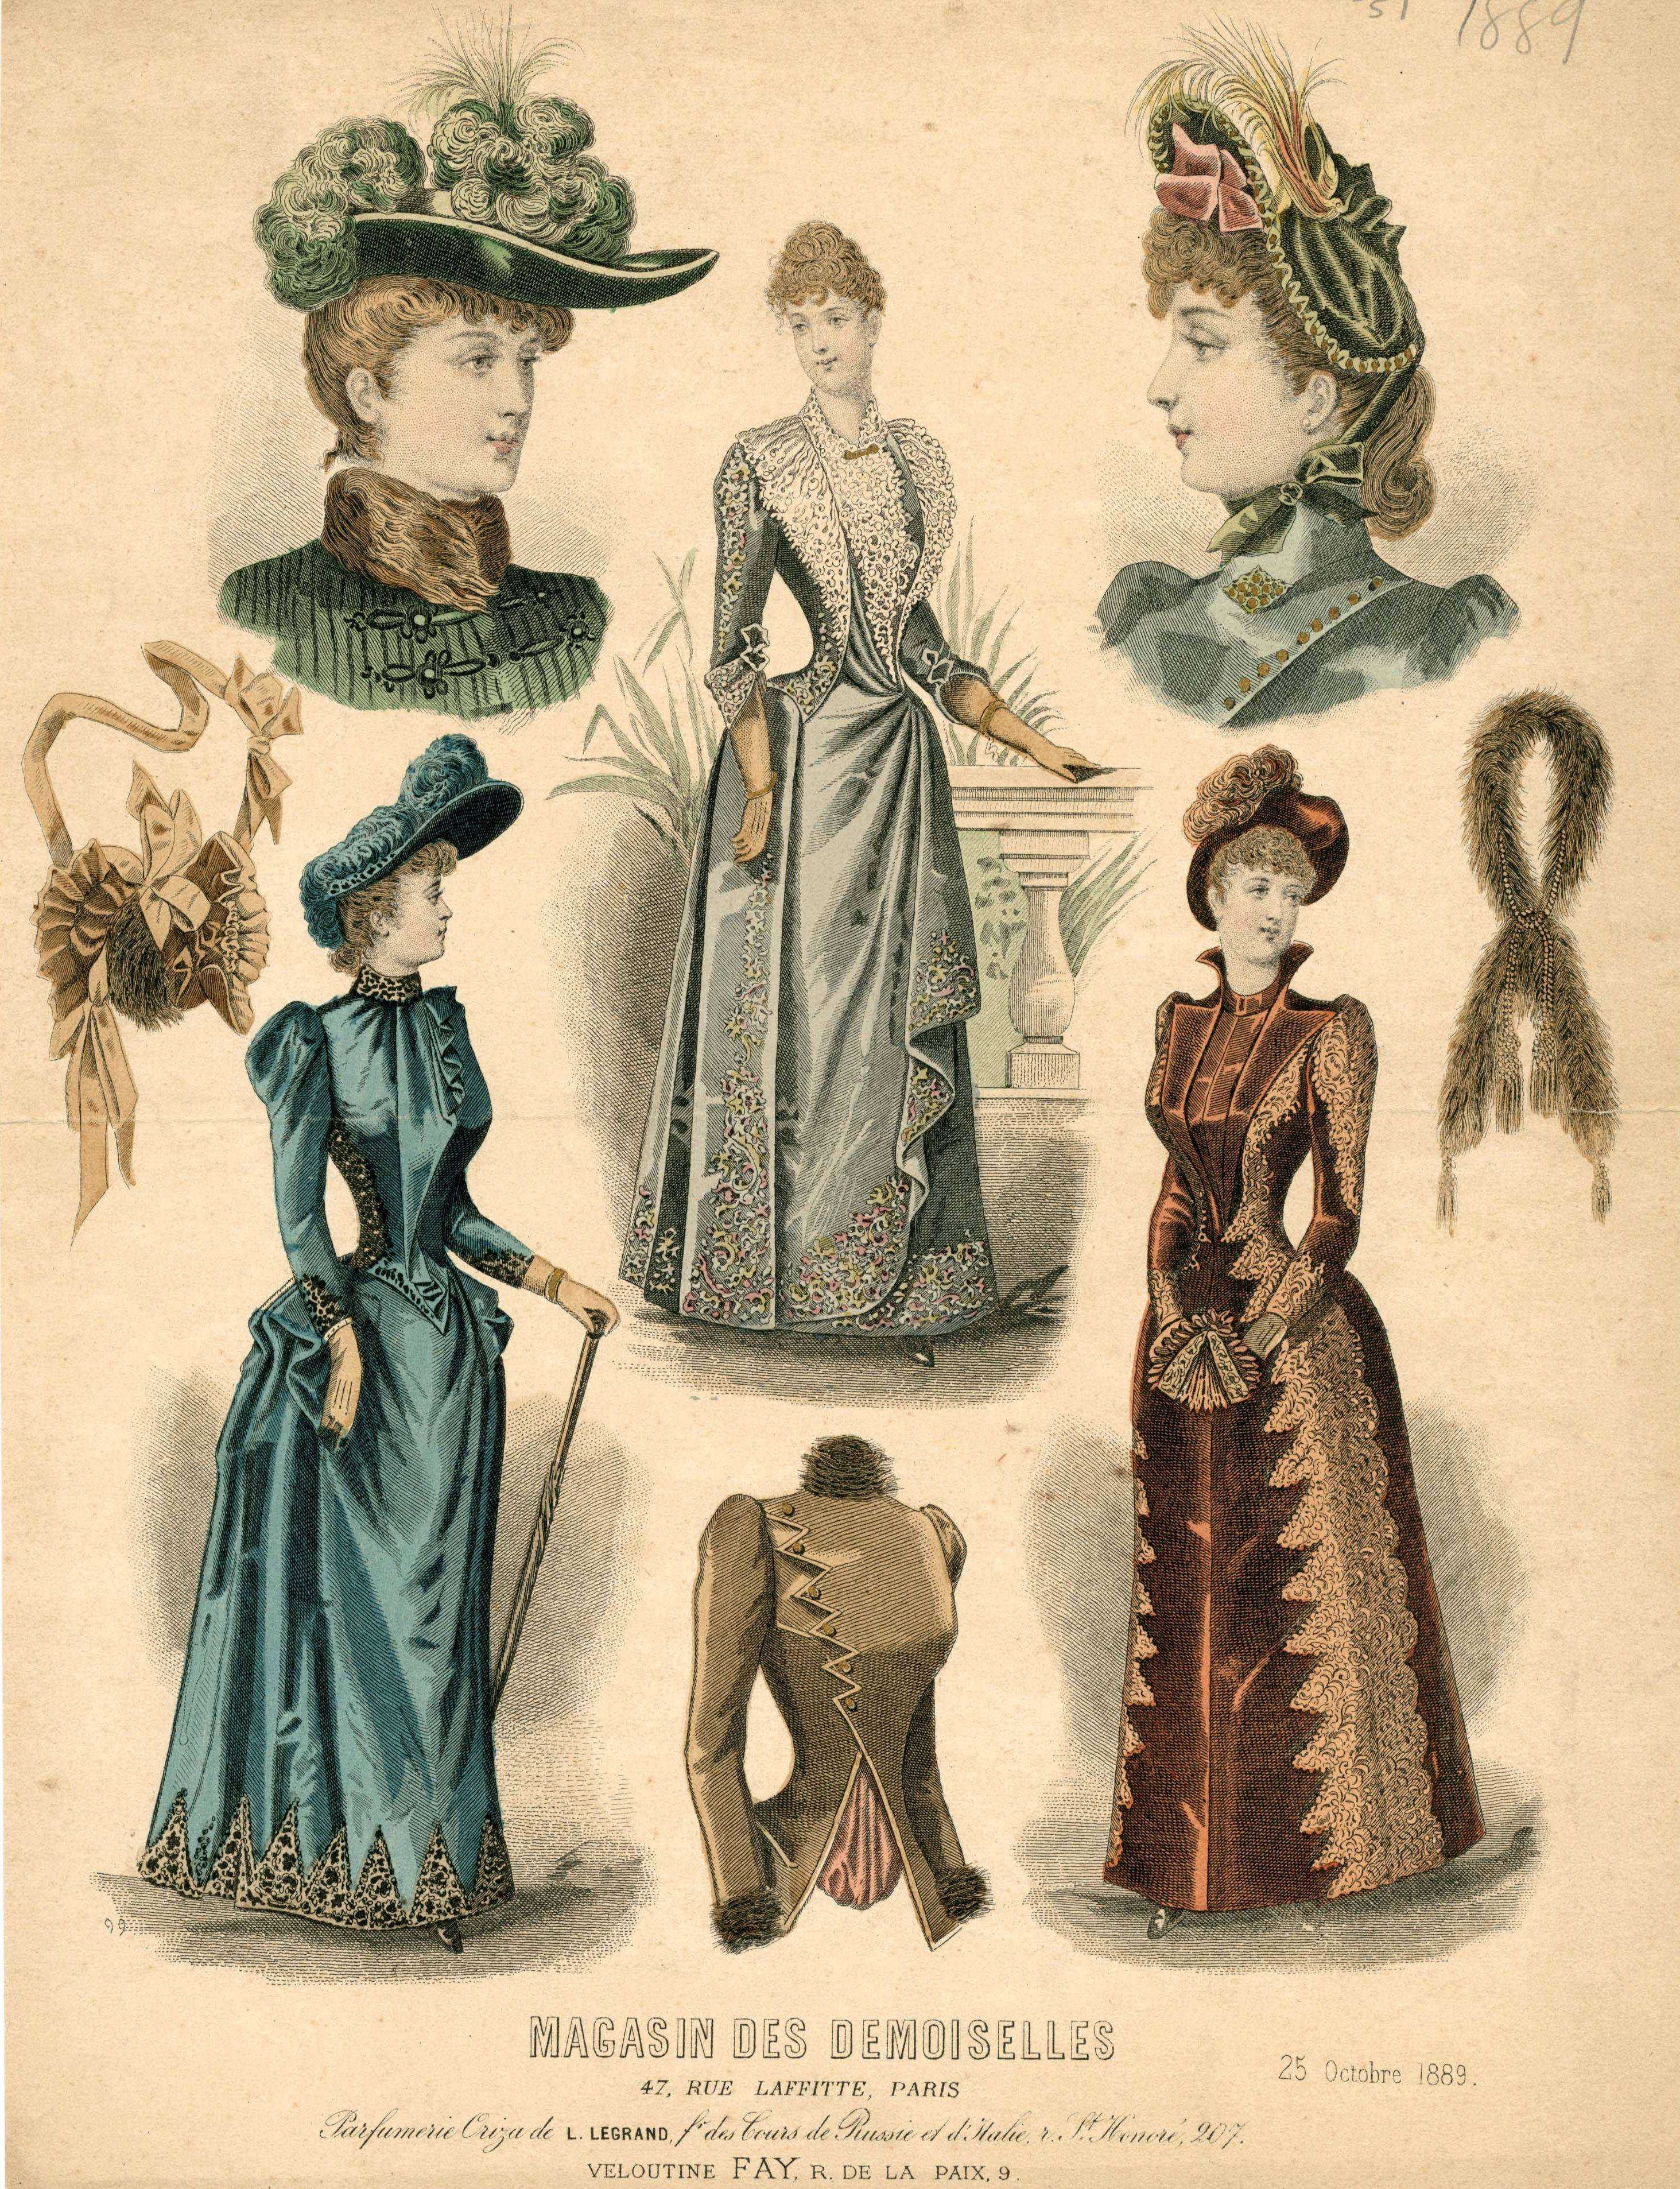 Magasin des Demoiselles 1889